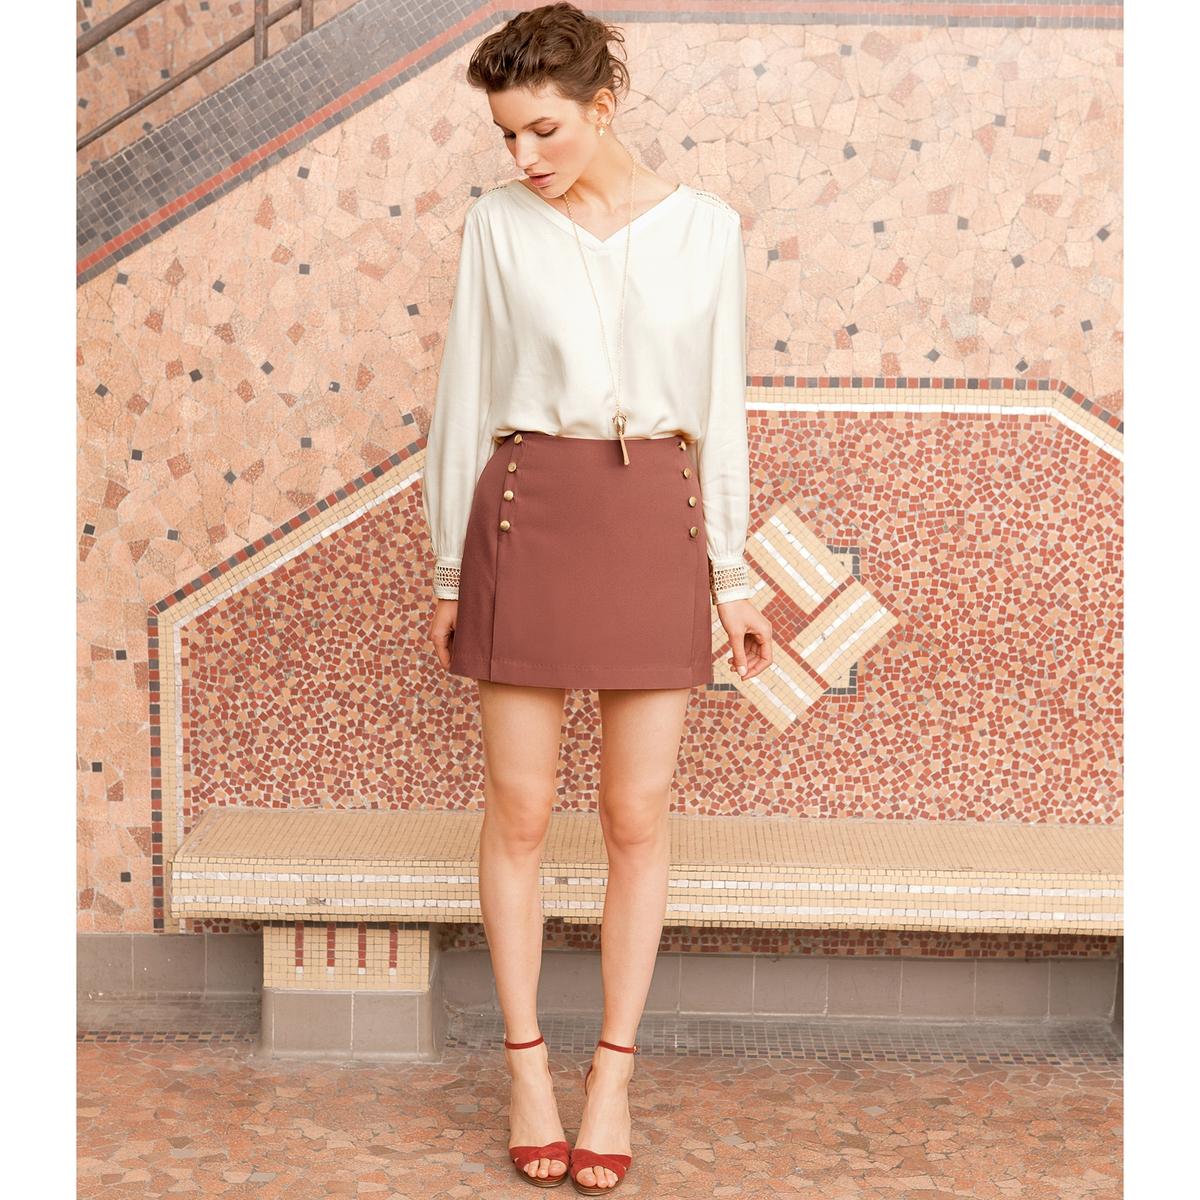 Юбка короткаяКороткая юбка. 93% полиэстера, 7% эластана. Прямой покрой. Декоративные пуговицы спереди. Скрытая застежка на молнию сзади. Длина 39 см.<br><br>Цвет: кирпичный